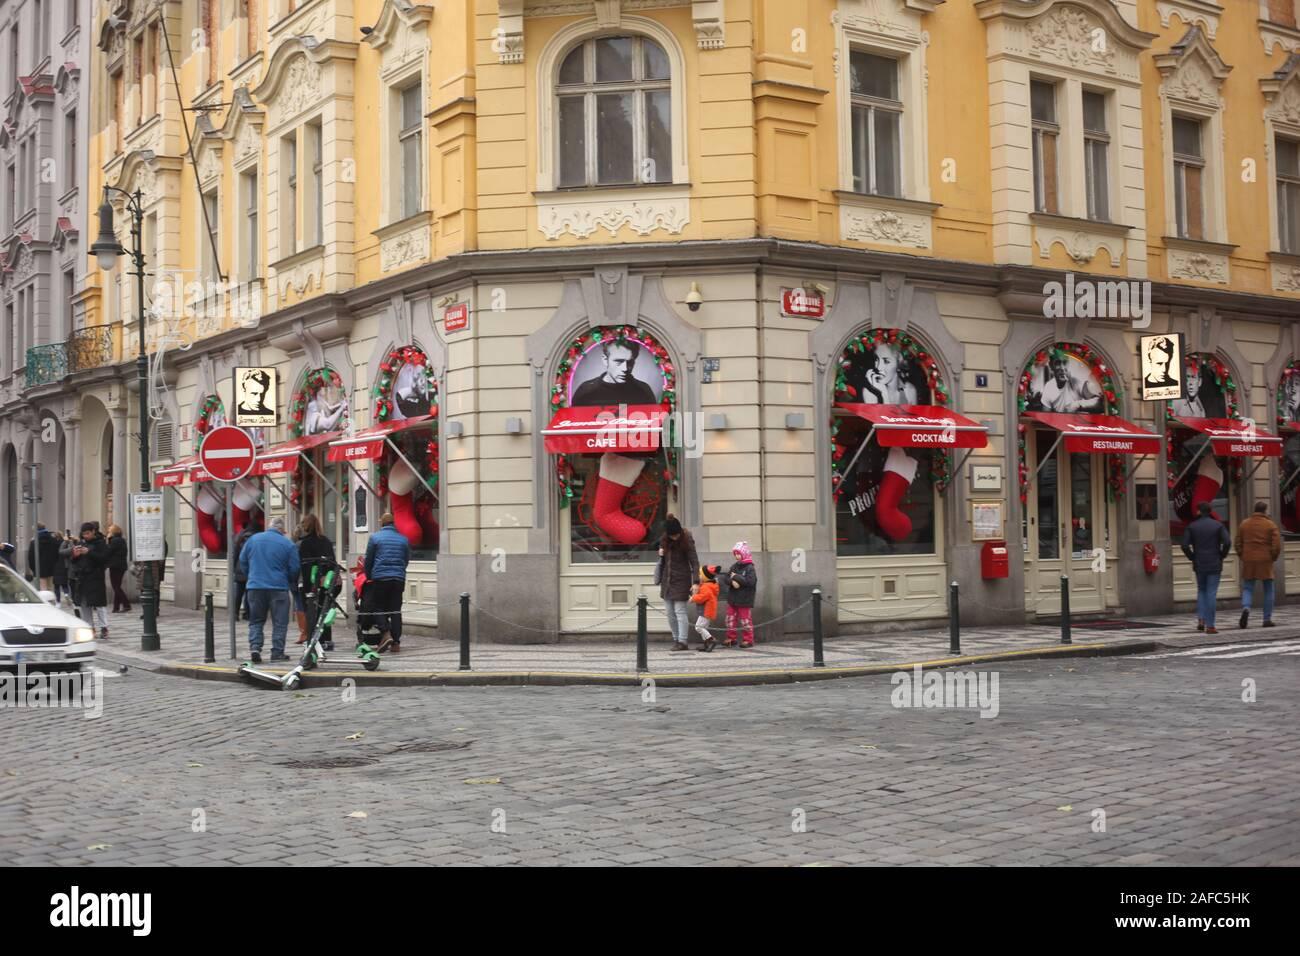 66 czech streets Free CZECH